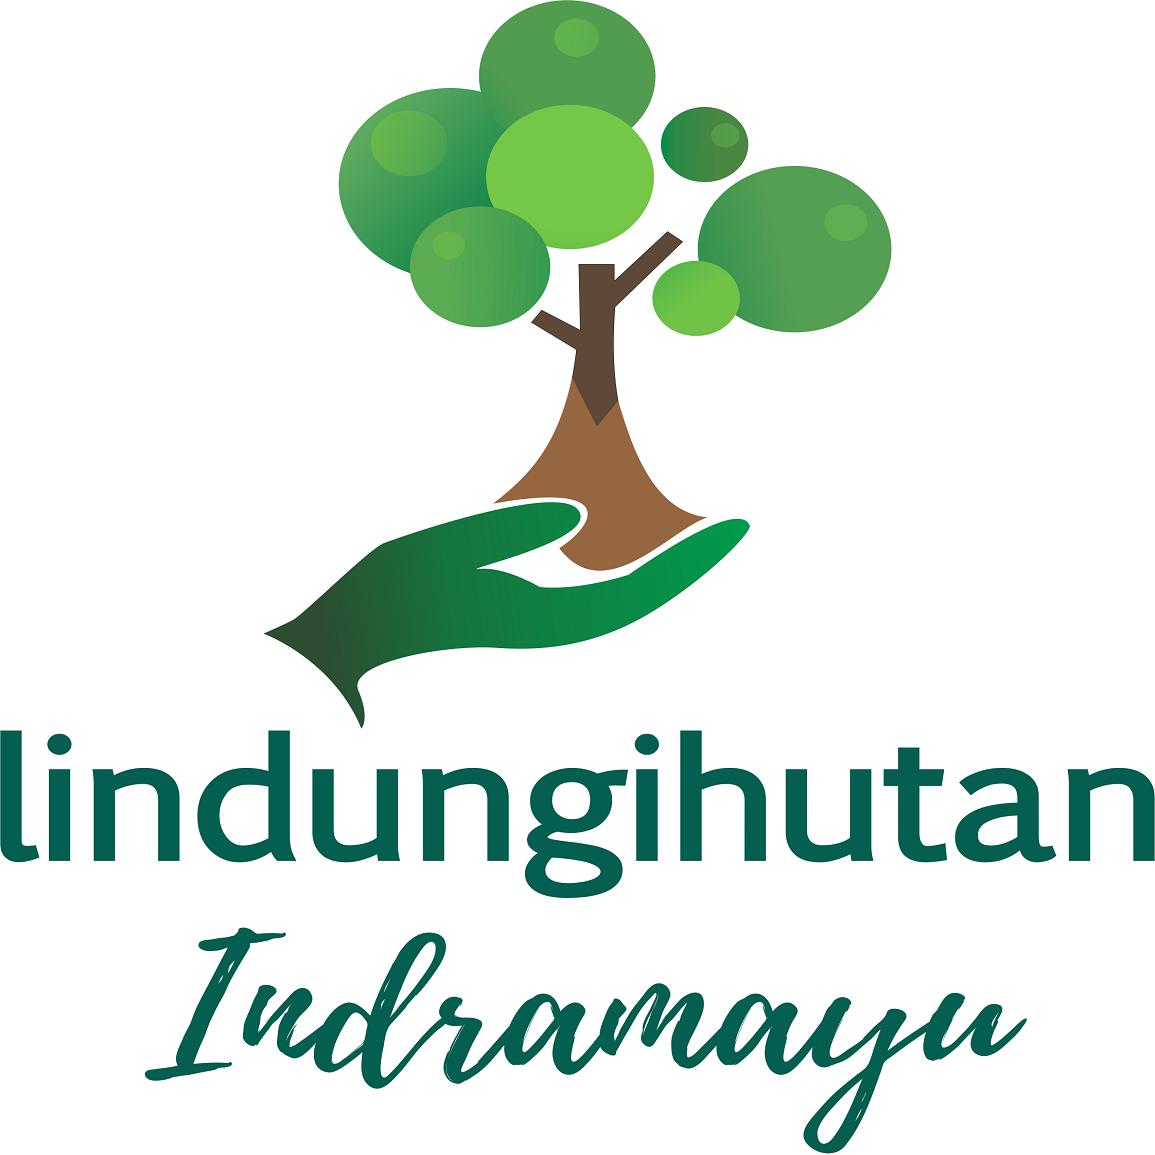 Relawan Indramayu